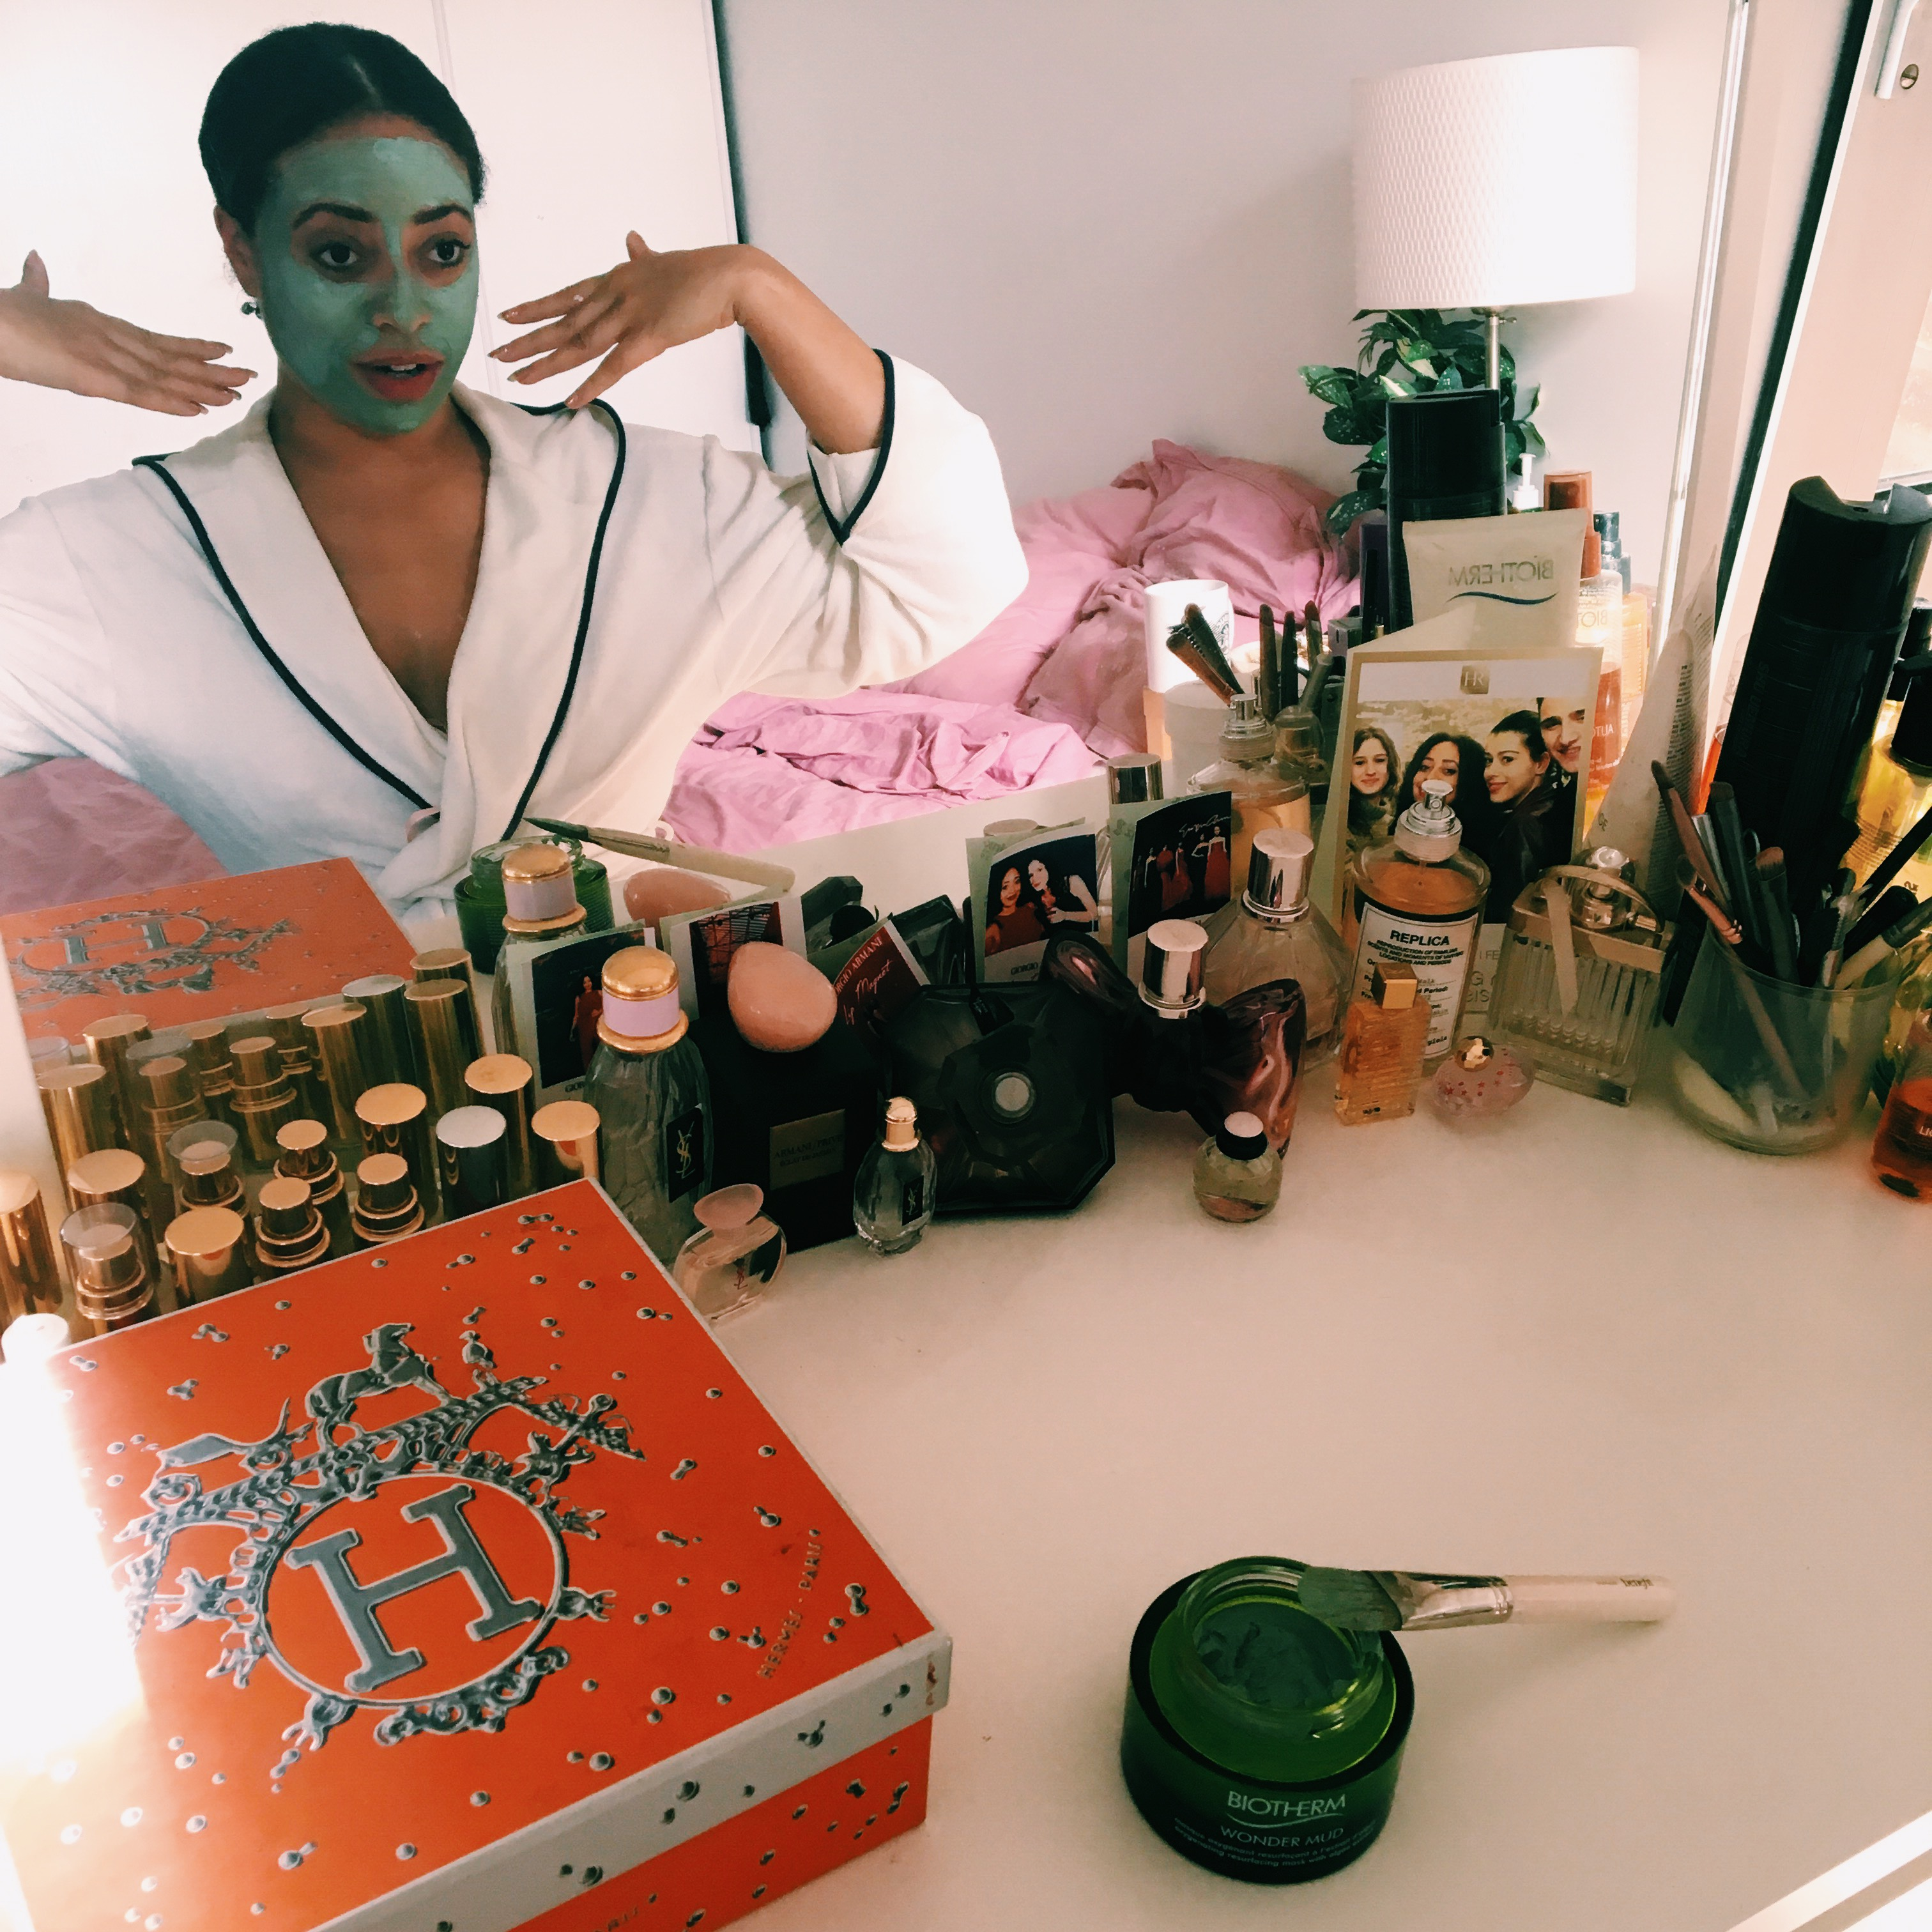 Cici Online Blog Beaute Lifestyle Cicionline Blogger Fashion Beauty